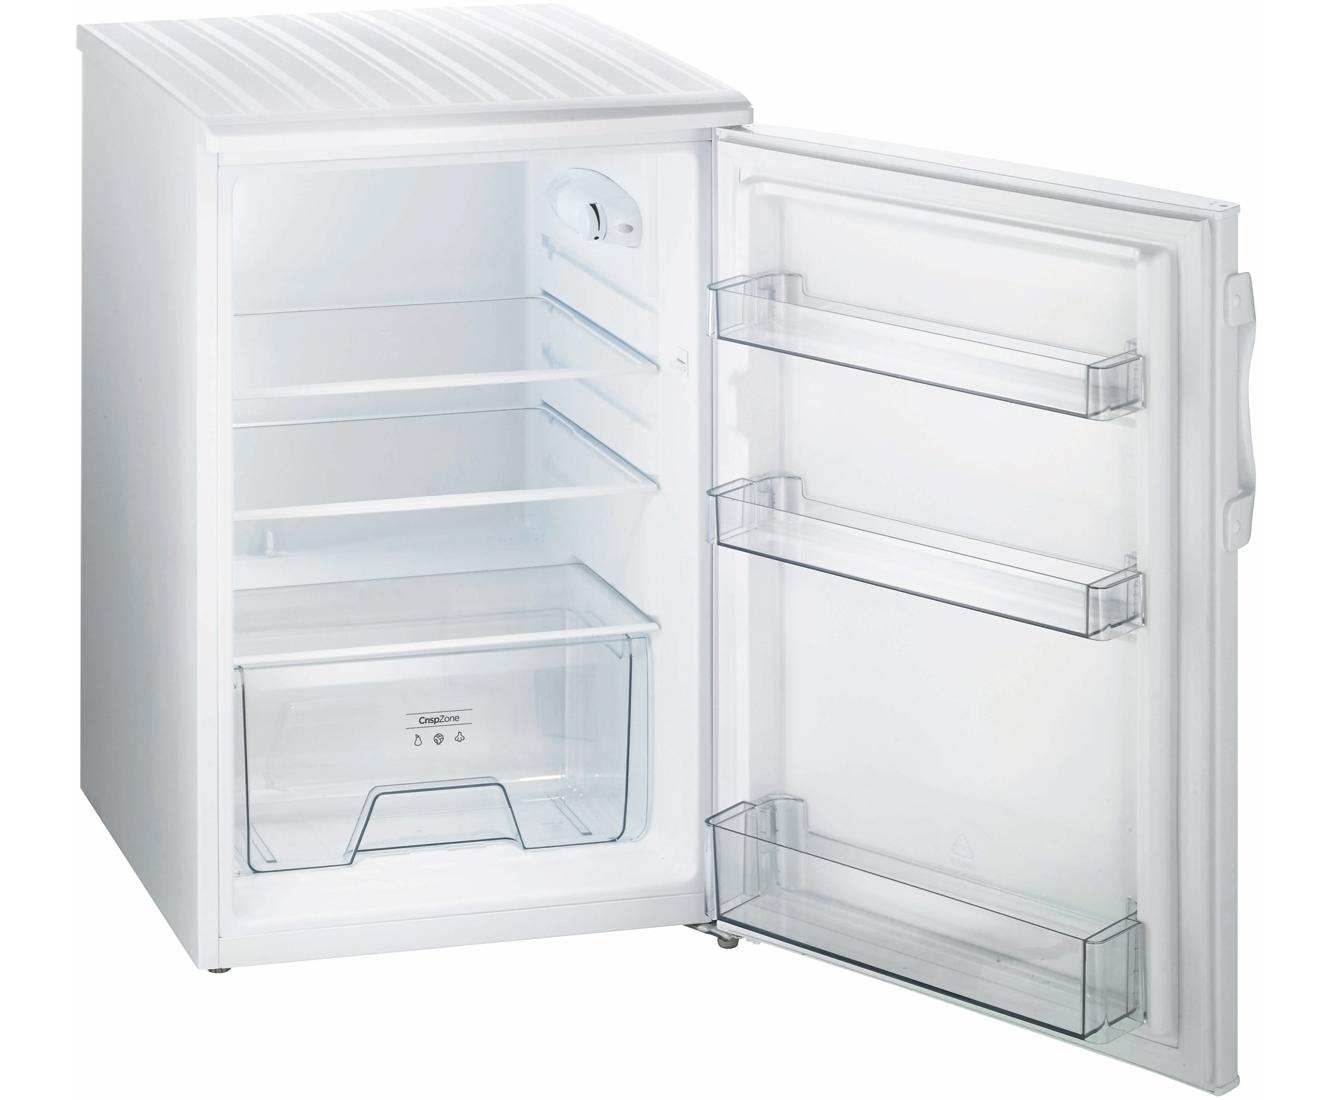 Gorenje Kühlschrank Crispzone : Gorenje r 4092 anw kühlschrank weiß a